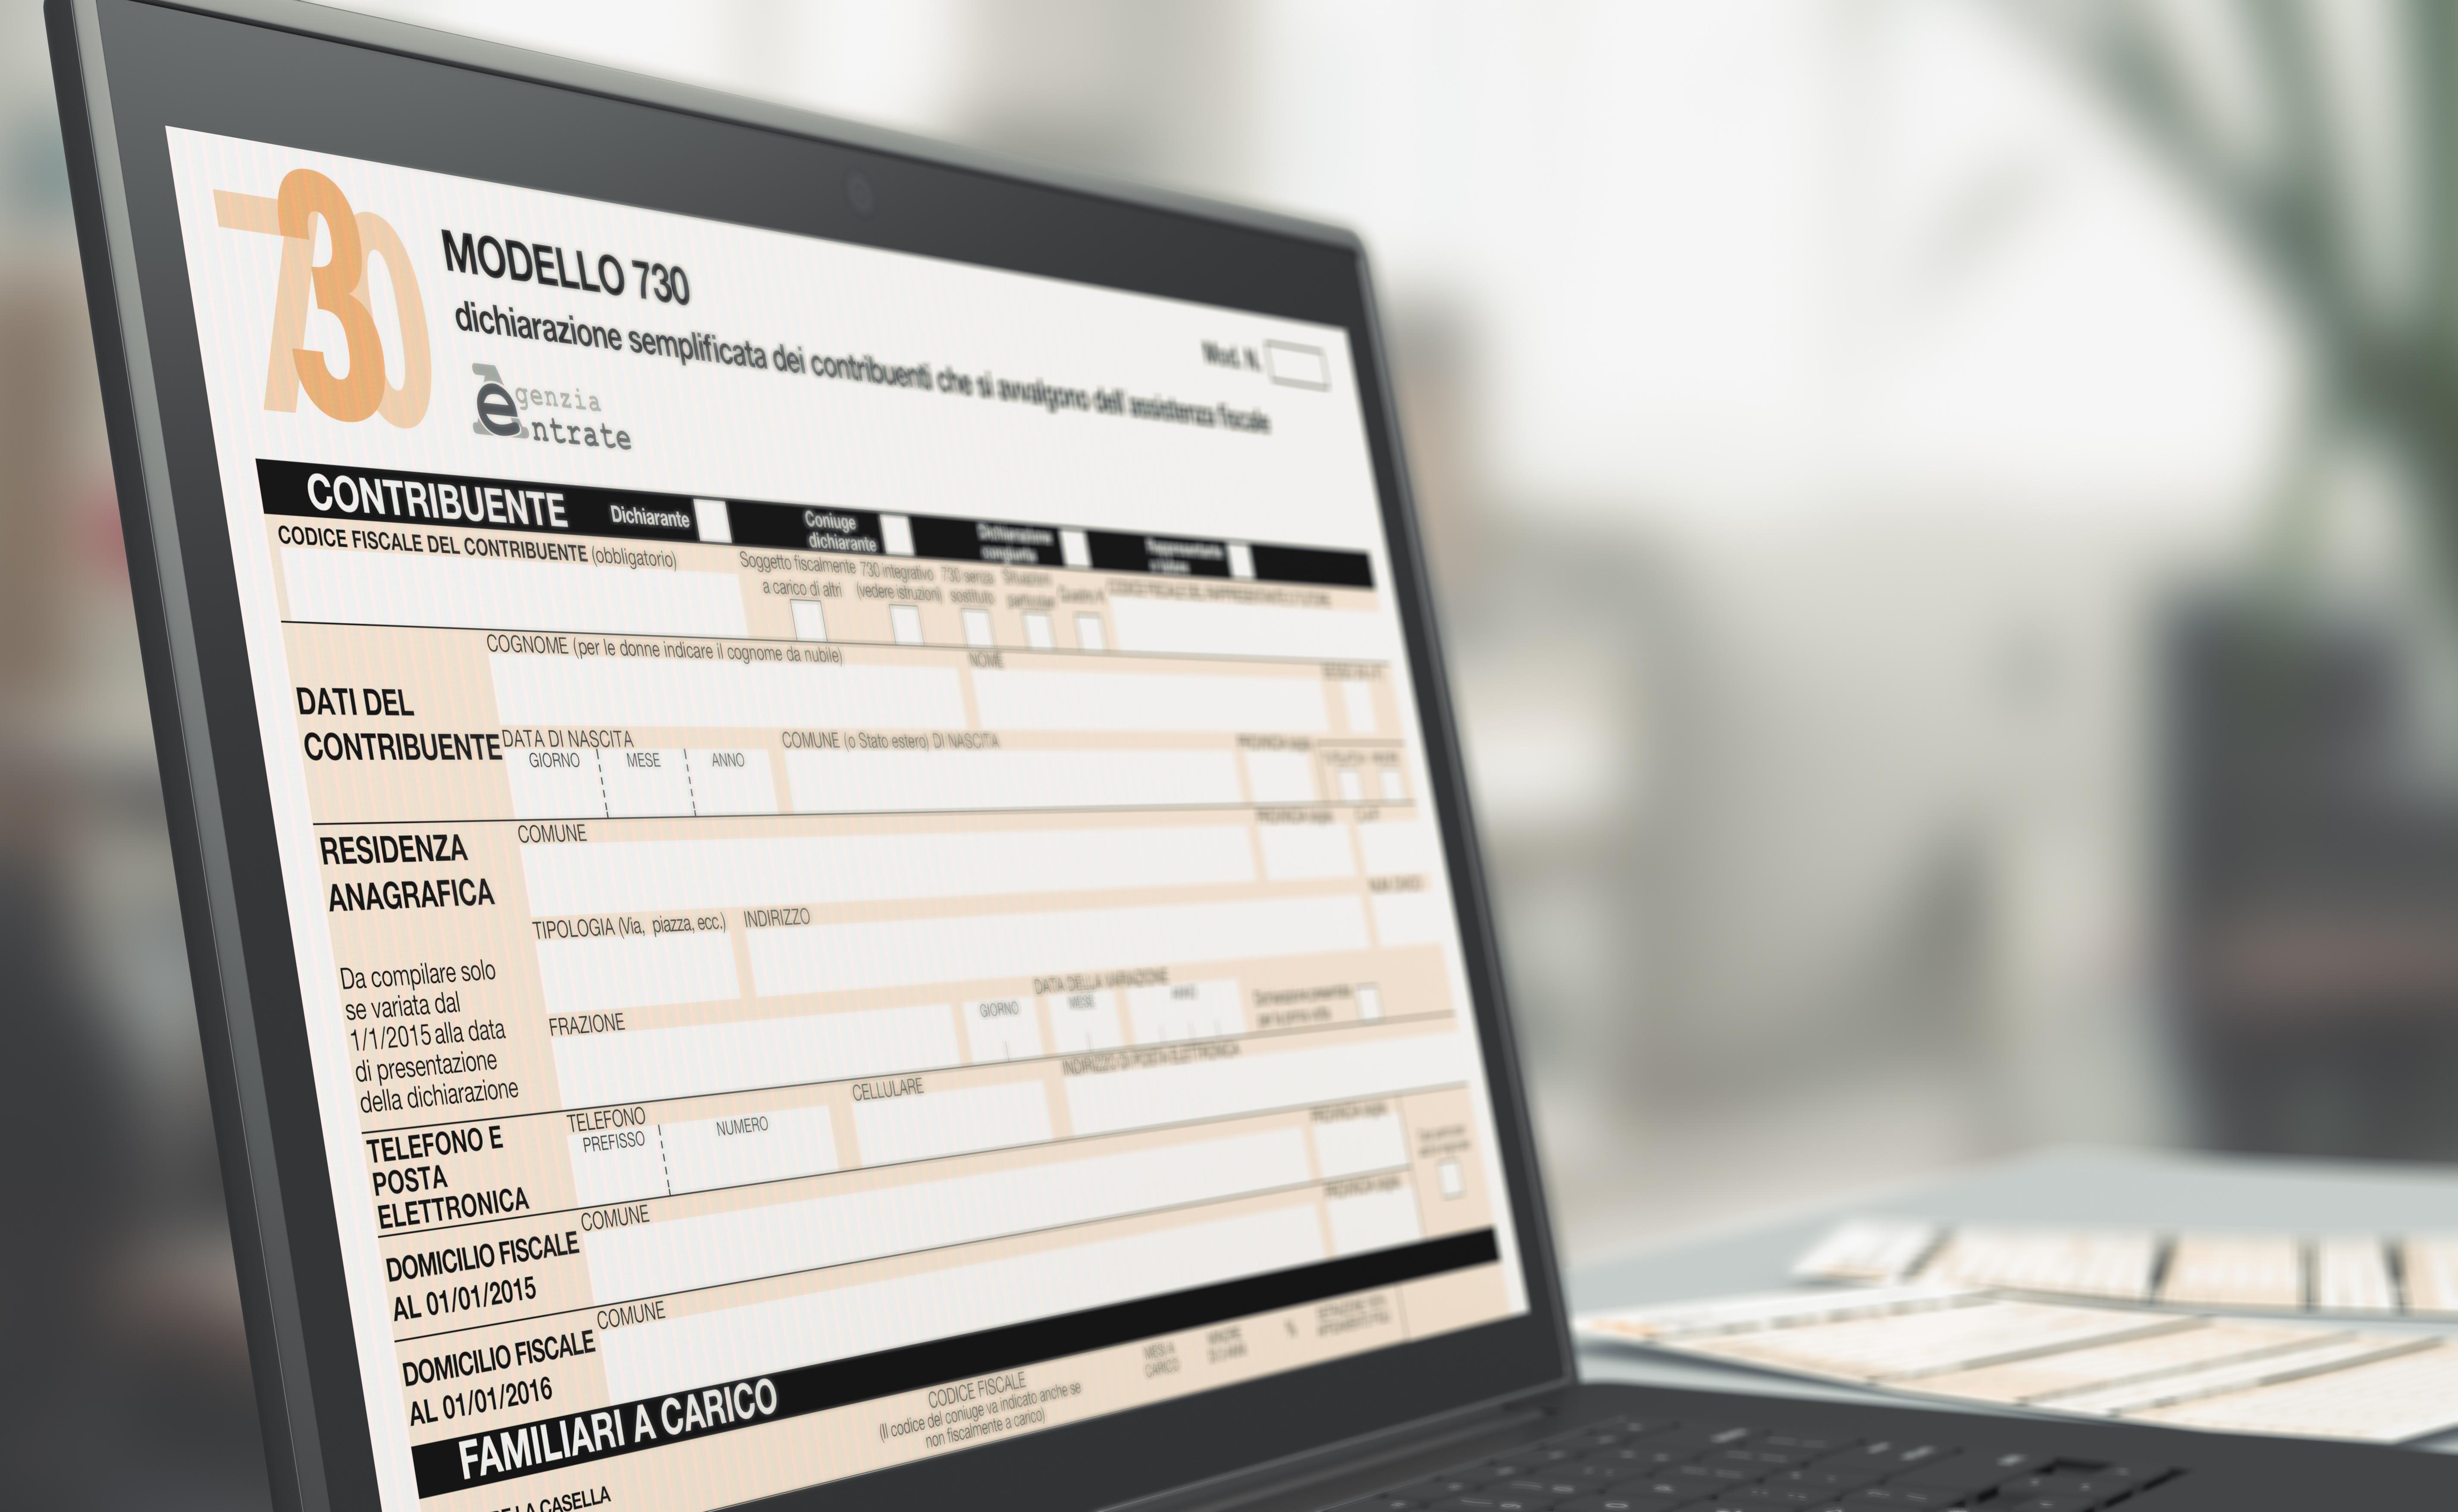 Fisco da luned modello precompilata online for Dichiarazione 730 precompilata